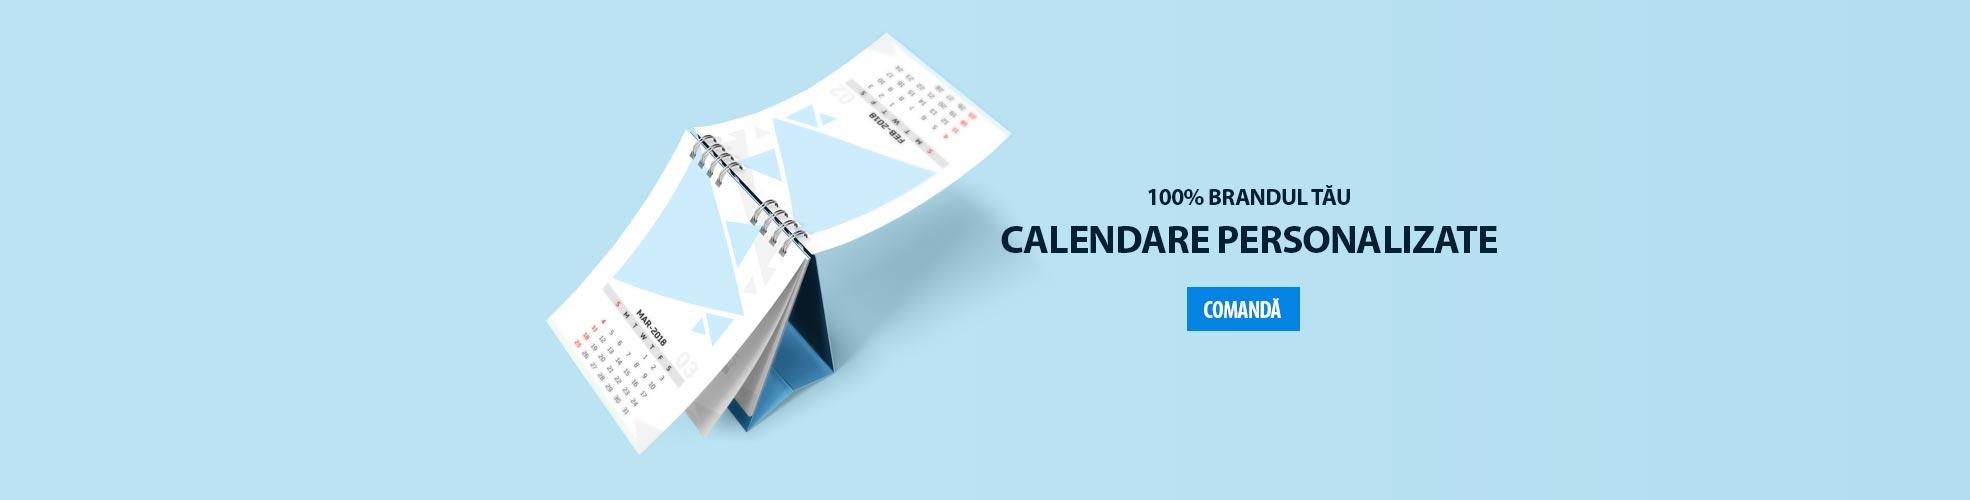 calendare personalizate Cluj